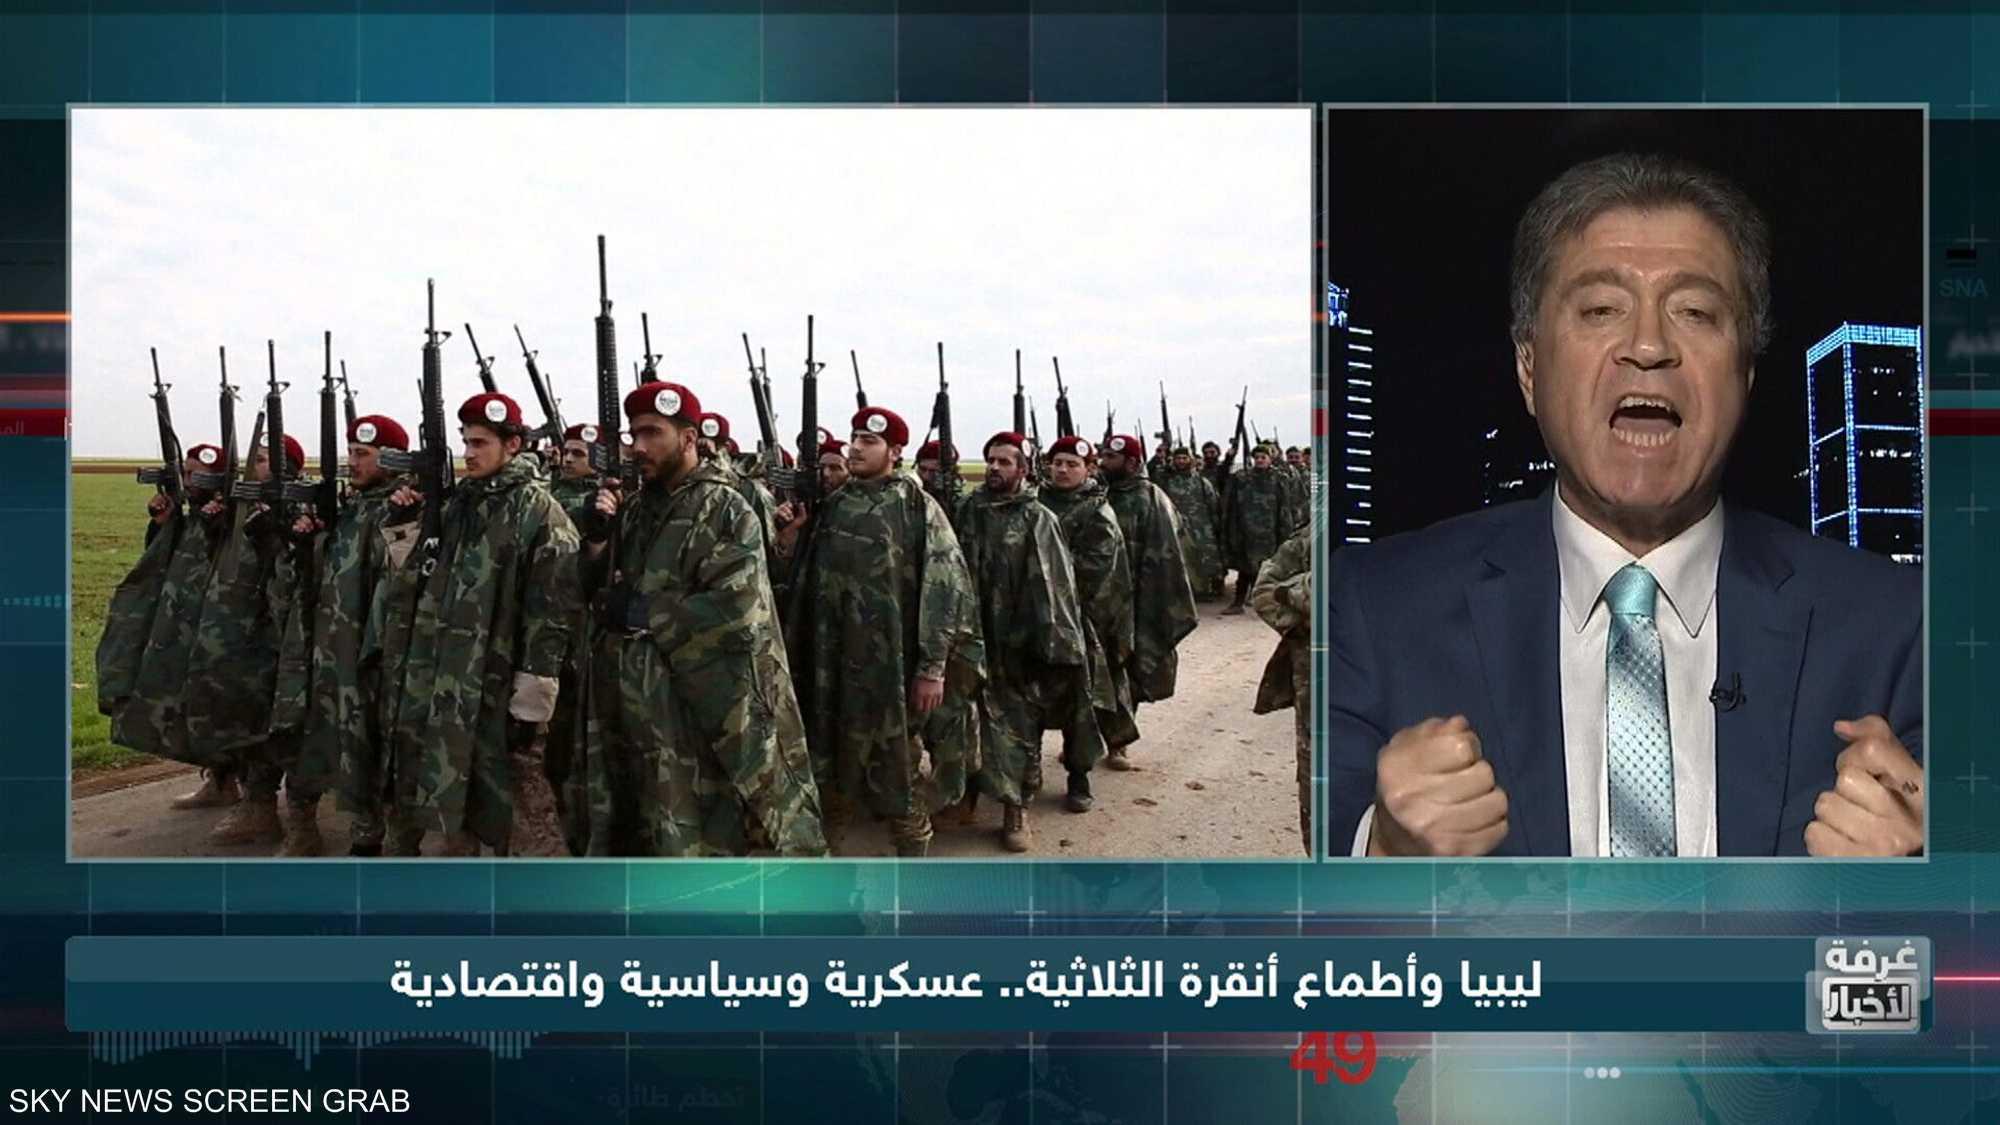 ليبيا وأطماع أنقرة الثلاثية.. عسكرية وسياسية واقتصادية